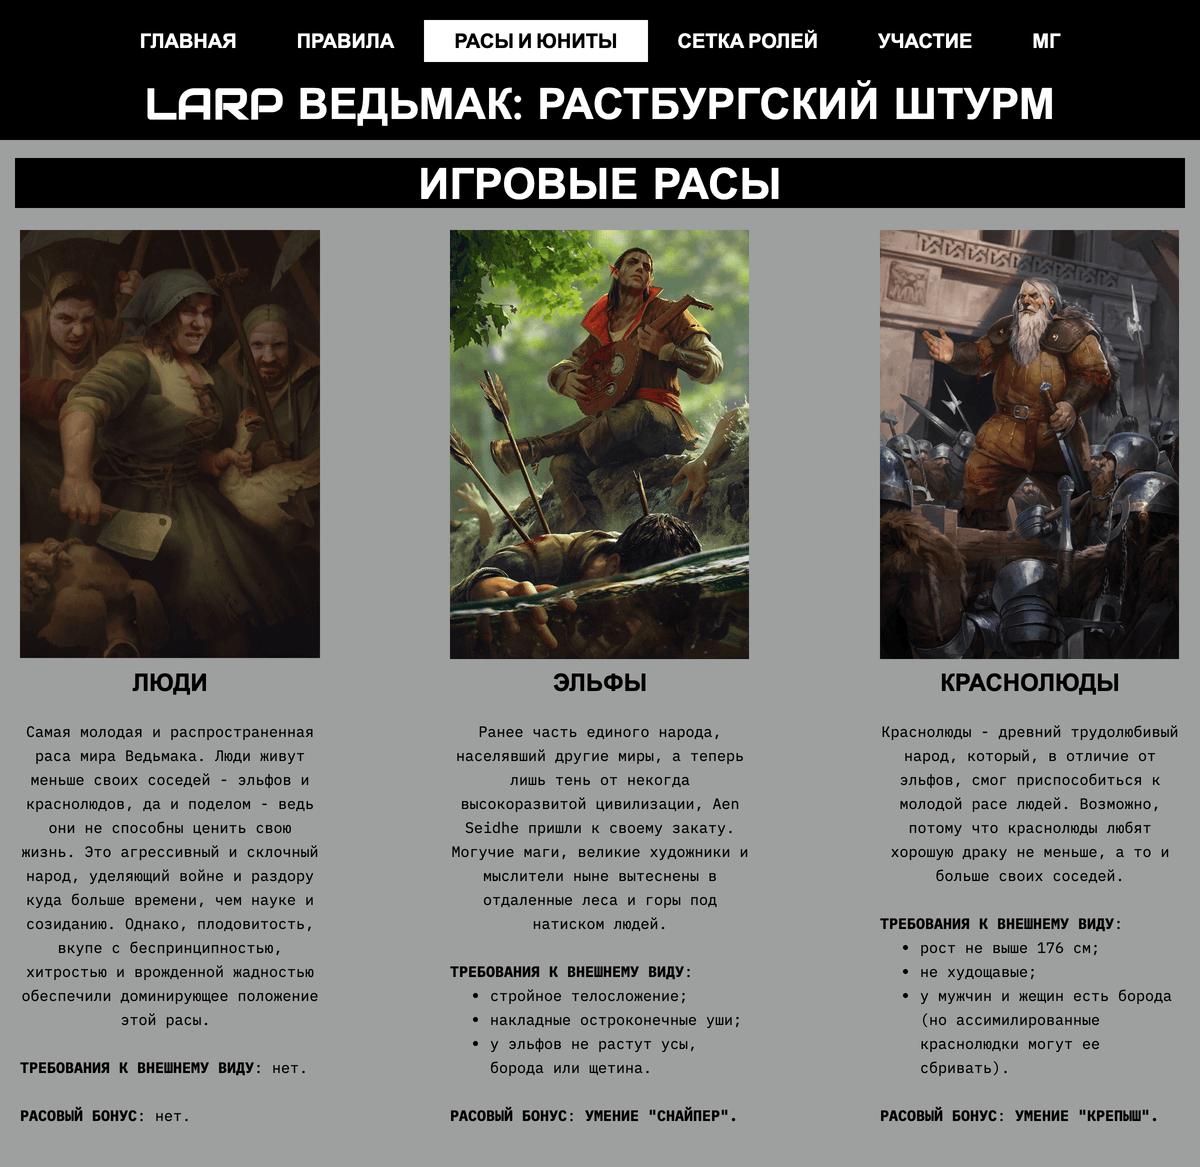 Скриншот с сайта LARP «Ведьмак». В мире «Ведьмака» намного больше рас, но участникам предлагают на выбор три основные. А во вселенной «Вархаммера», например, рас гораздо больше, в томчисле люди (имперцы, бретонцы, северные племена), эльфы, огры, скавены, нежить